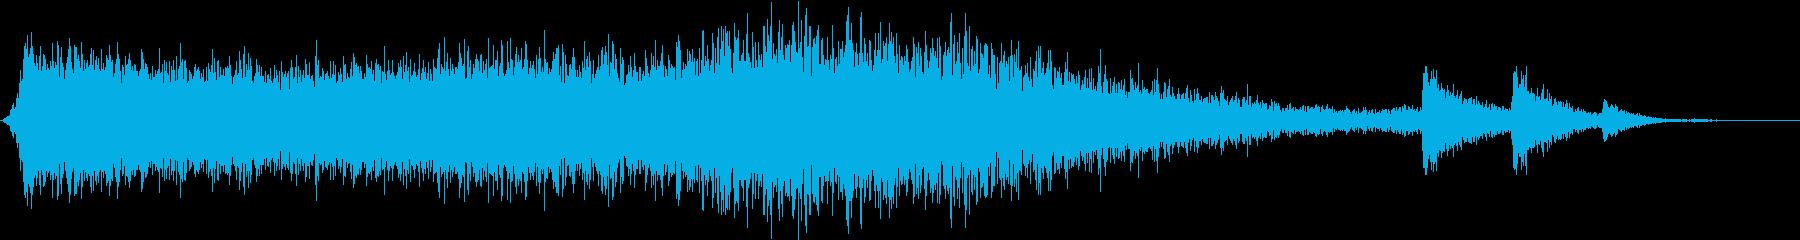 【ダークアンビエント】ホラーゲームBGMの再生済みの波形